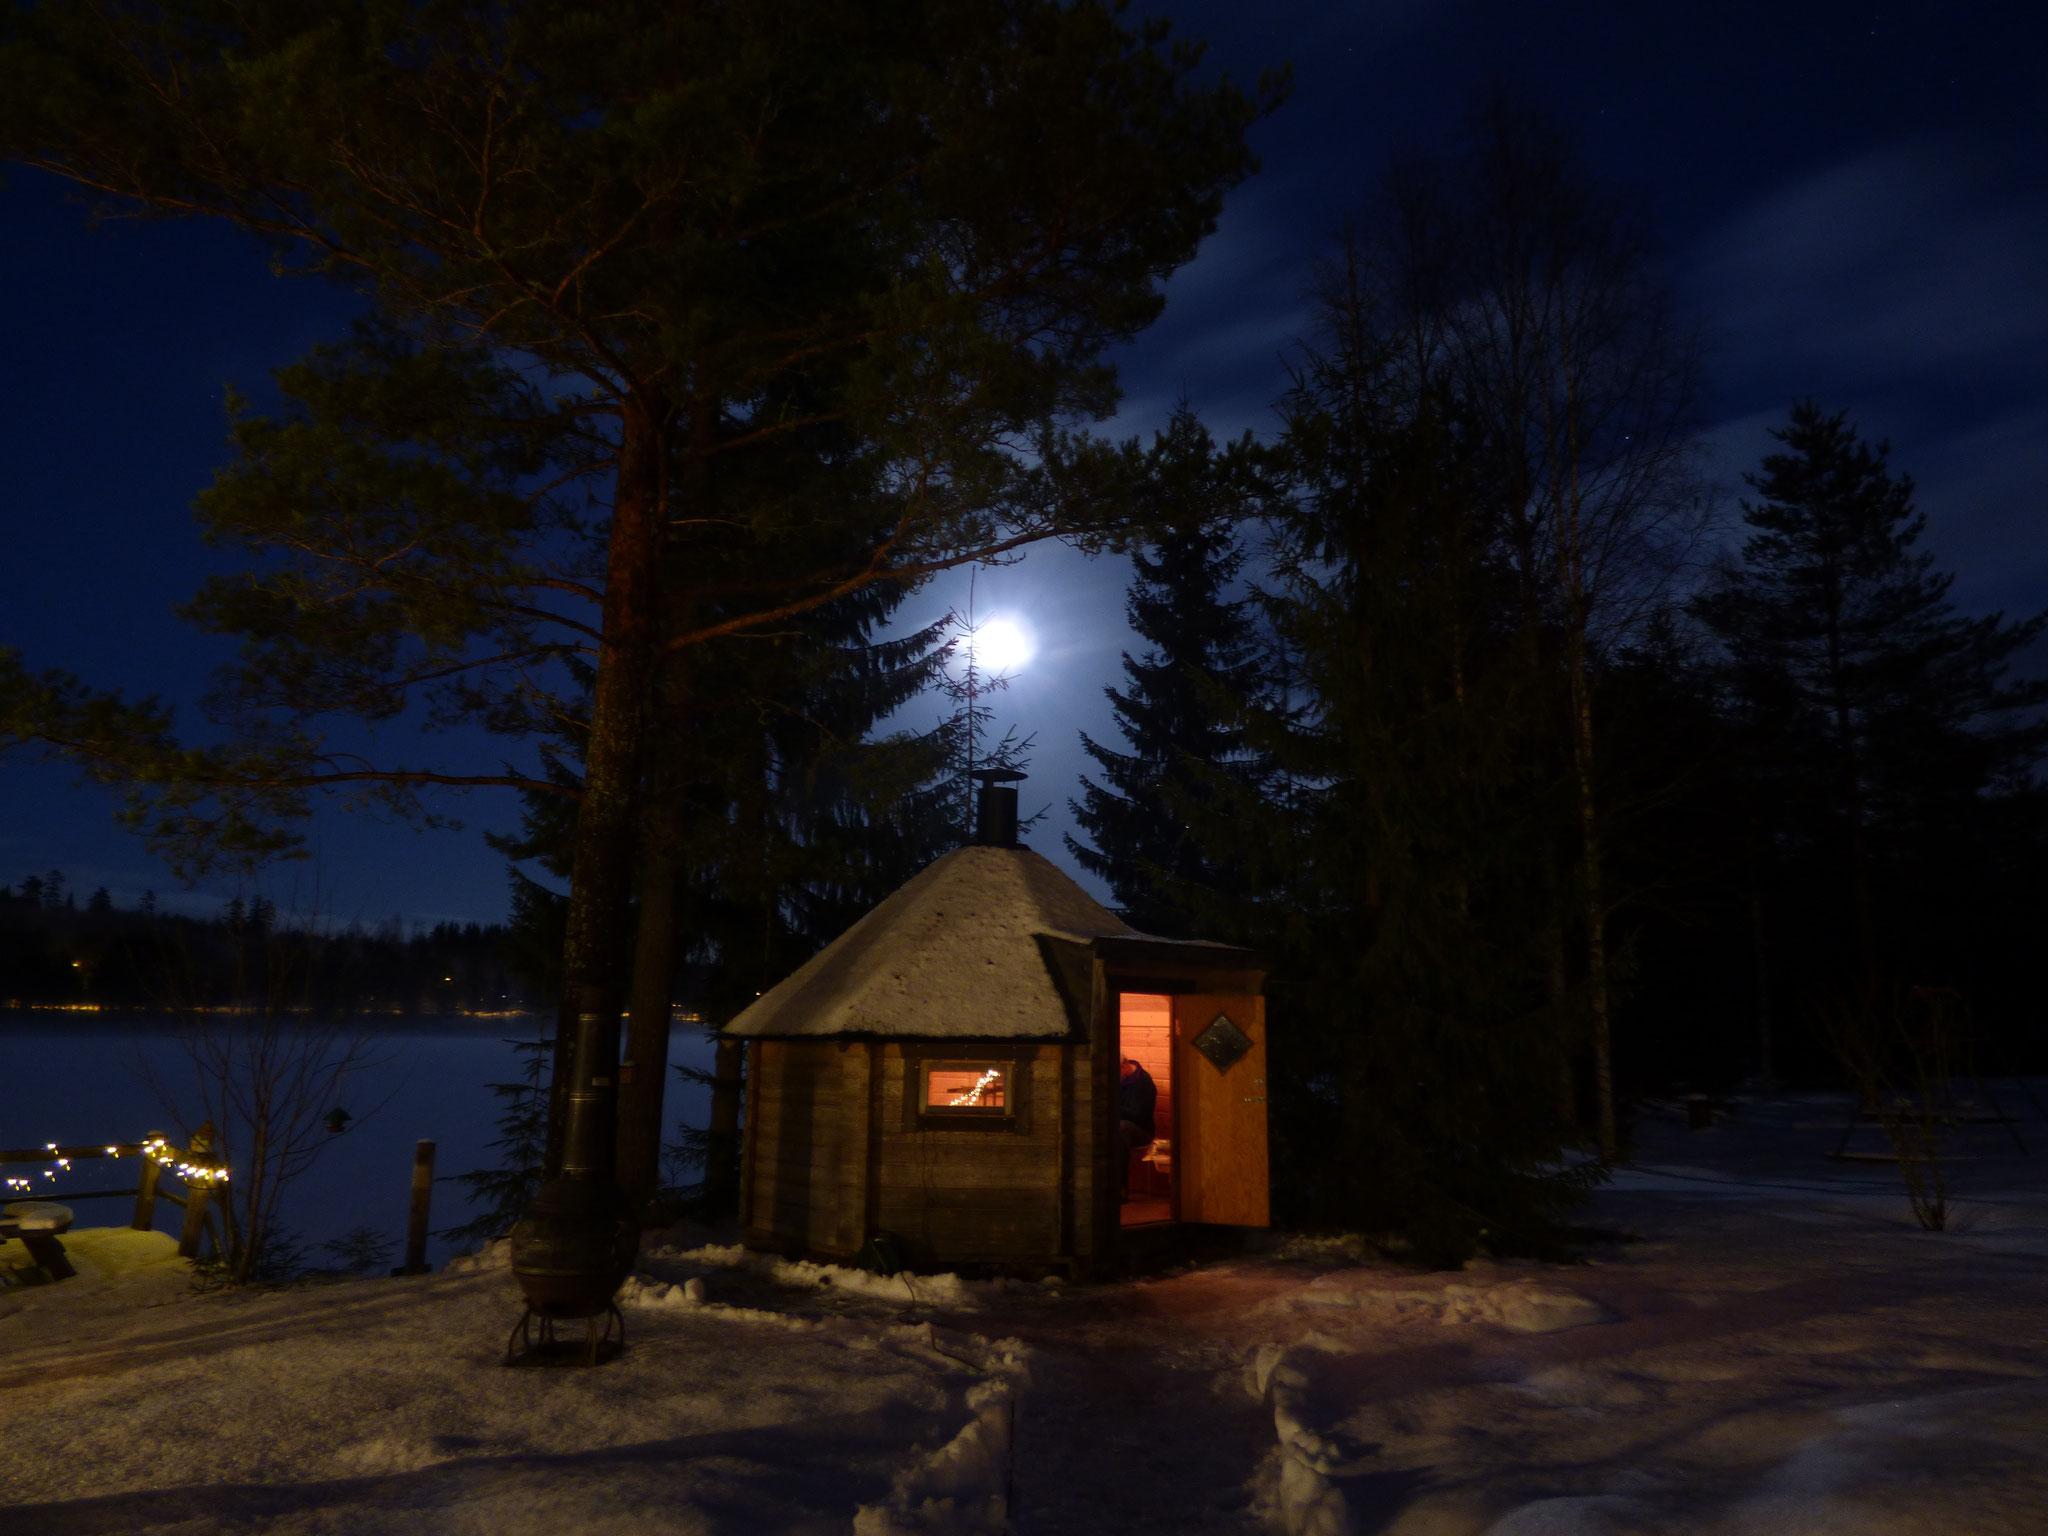 Camping Nya Skogsgården - Grillhütte unter dem Vollmond